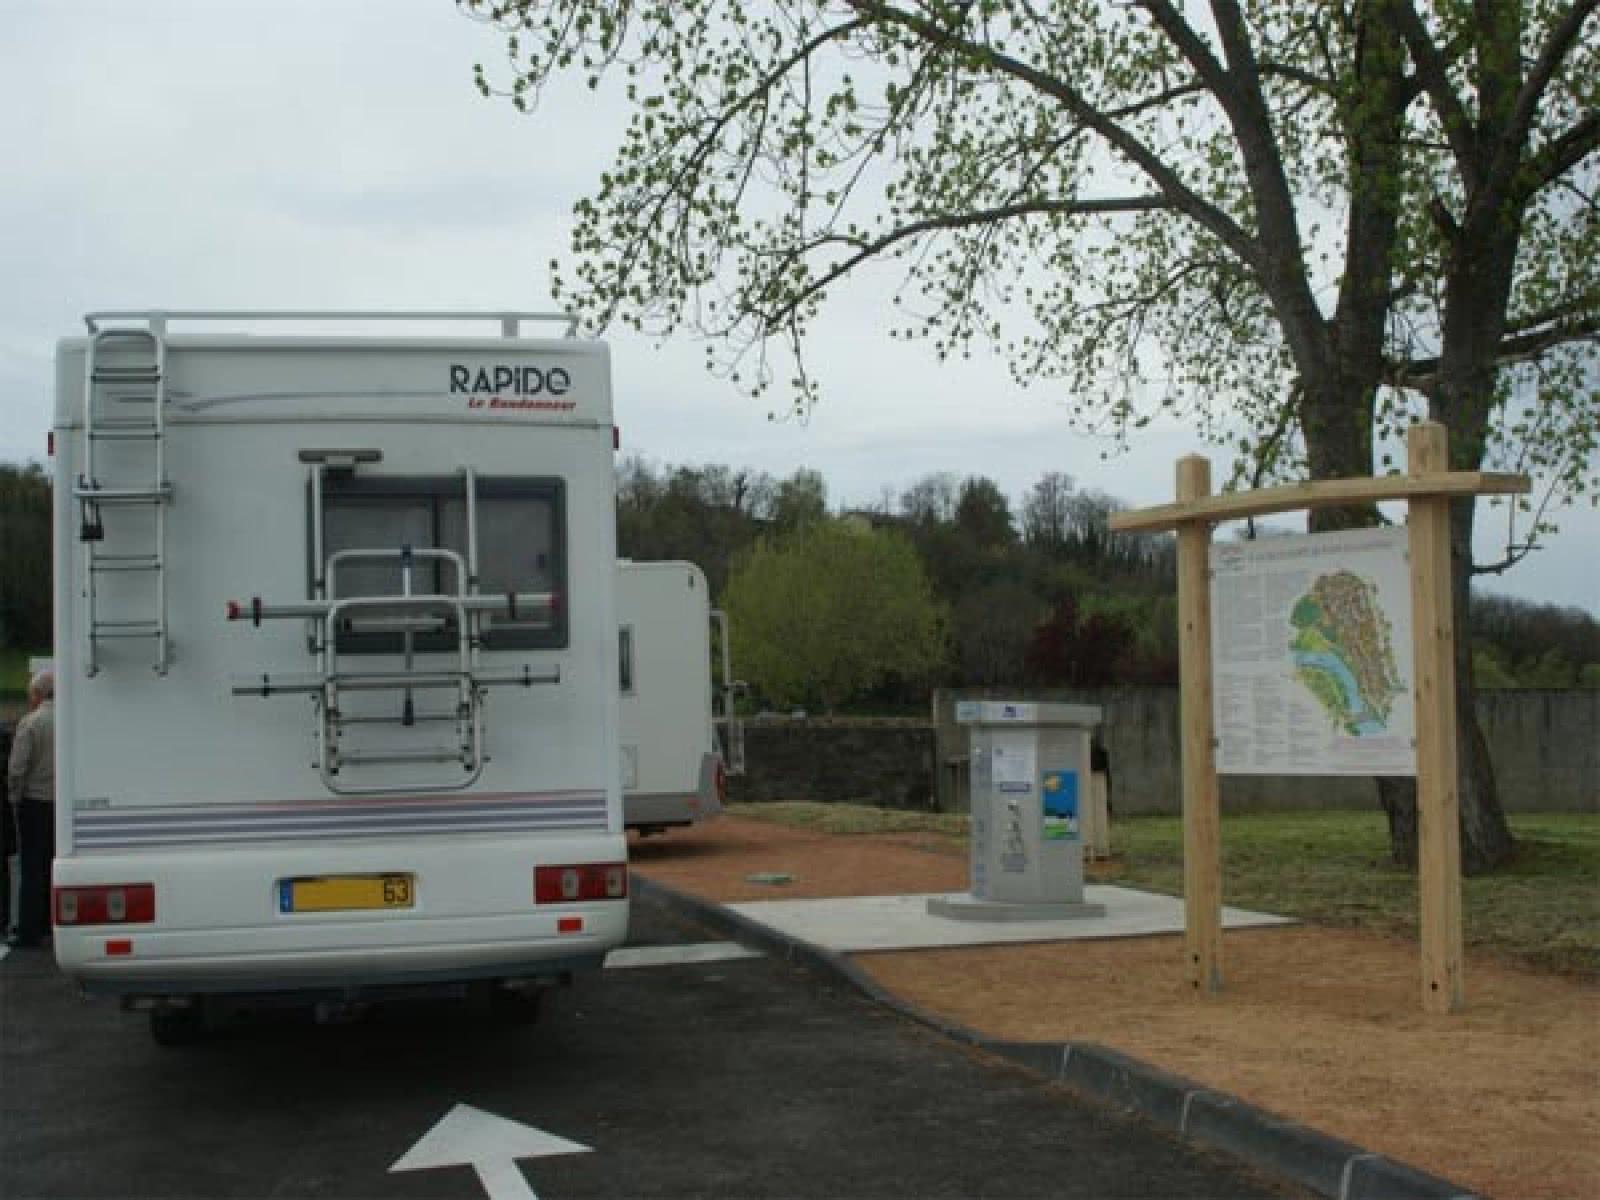 Aire de services pour camping cars de pont du ch teau - Salon du camping car clermont ferrand ...